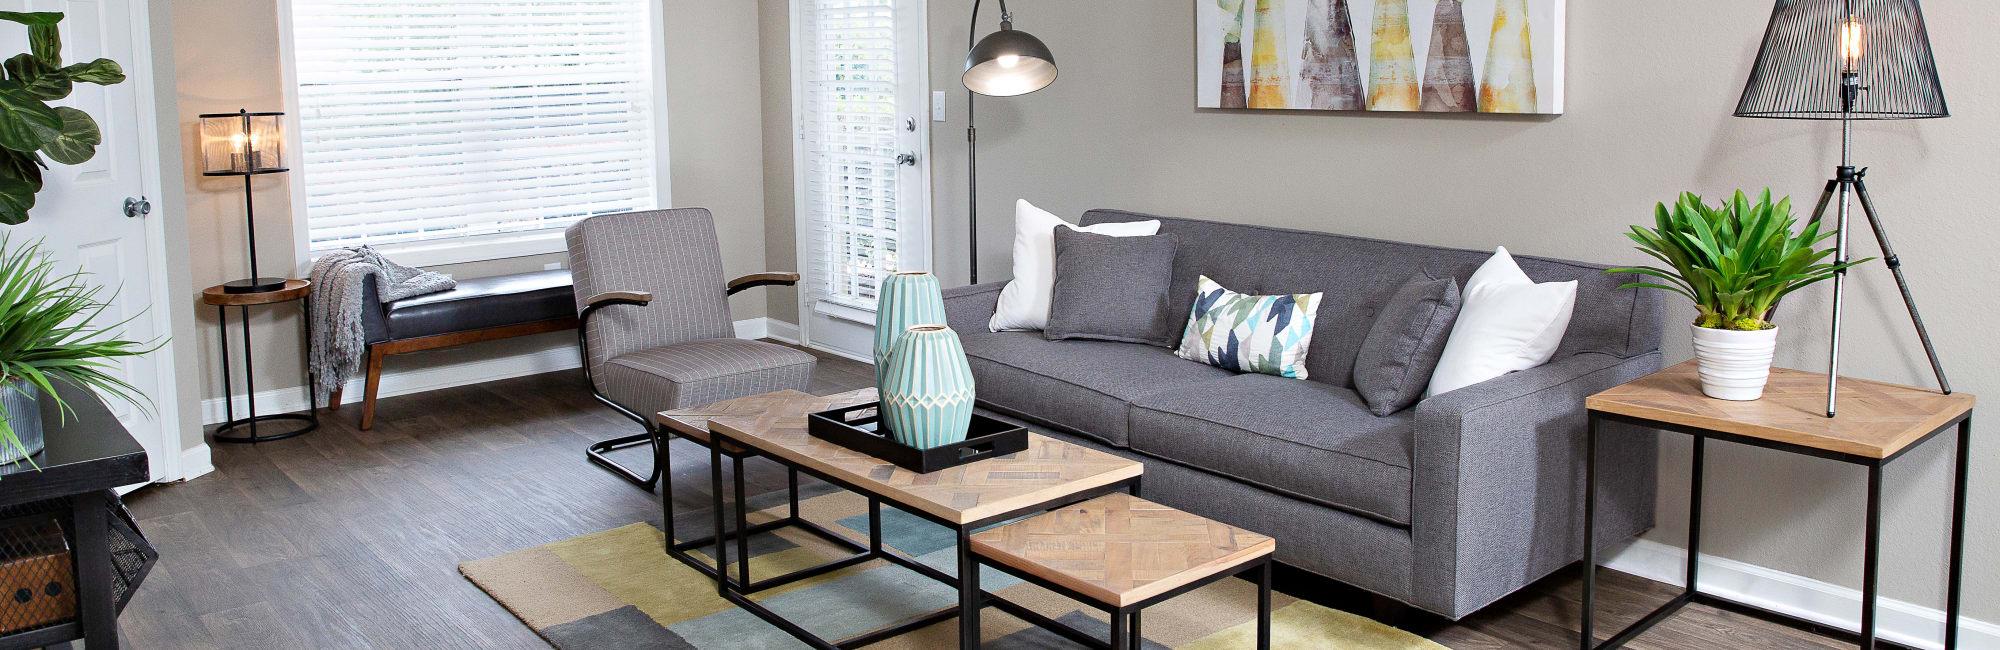 Apartments at 7029 West in Greensboro, North Carolina